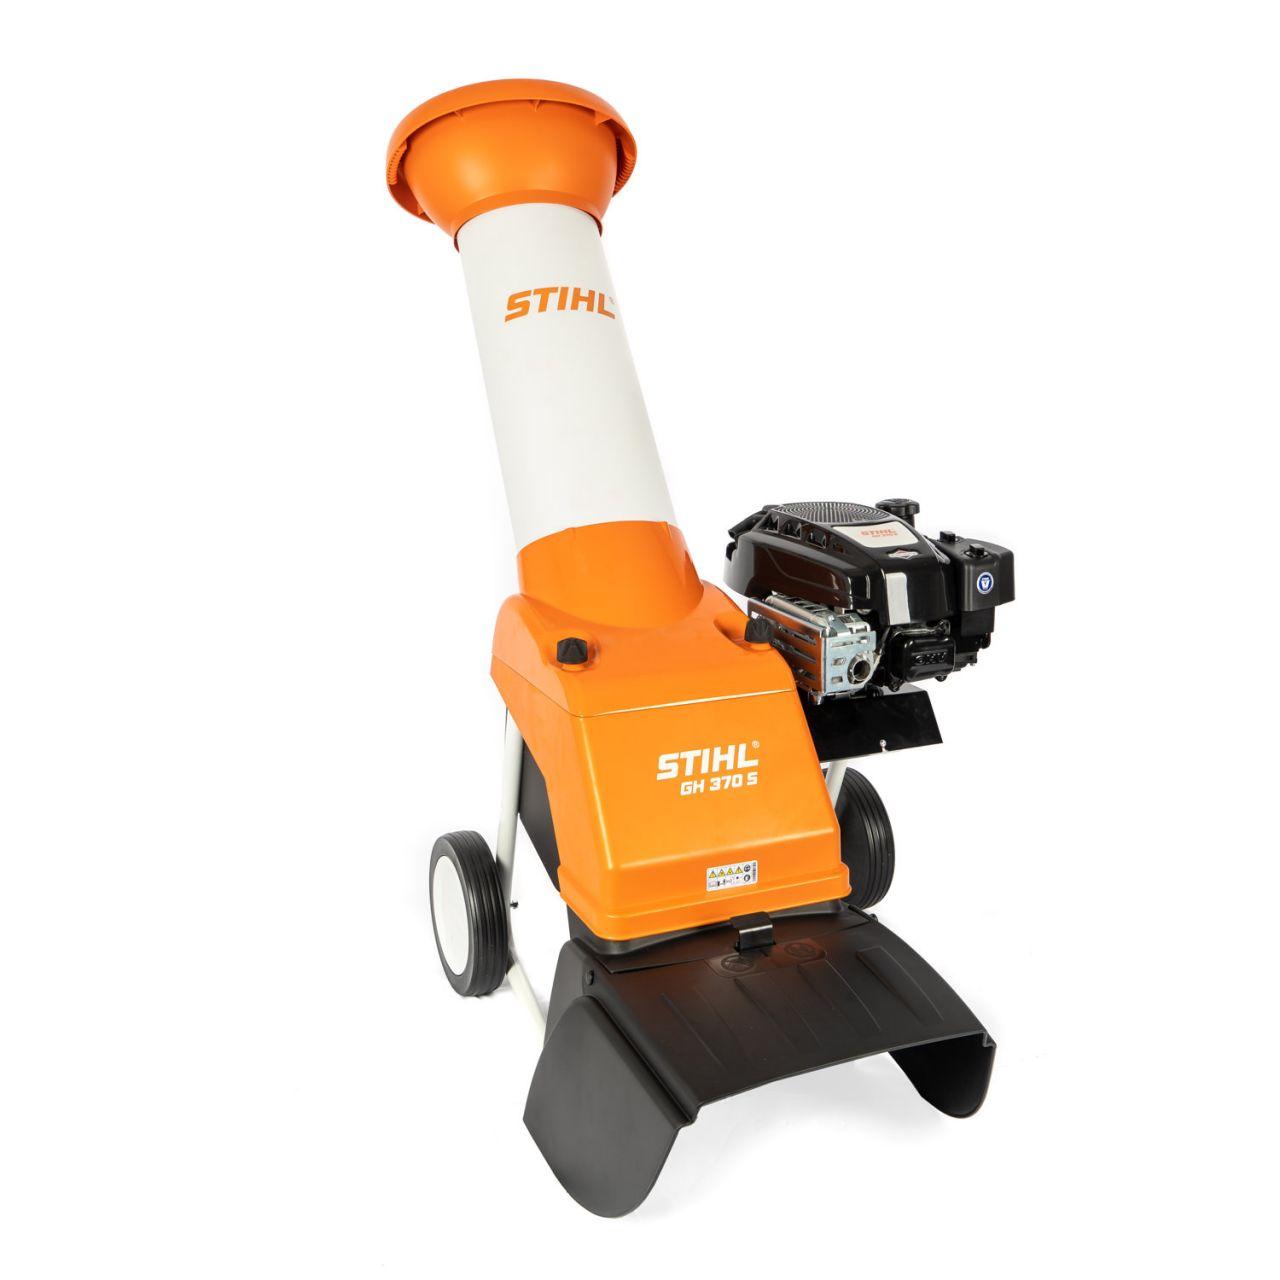 STIHL GH 370 S BenzinHäcksler 60012000008